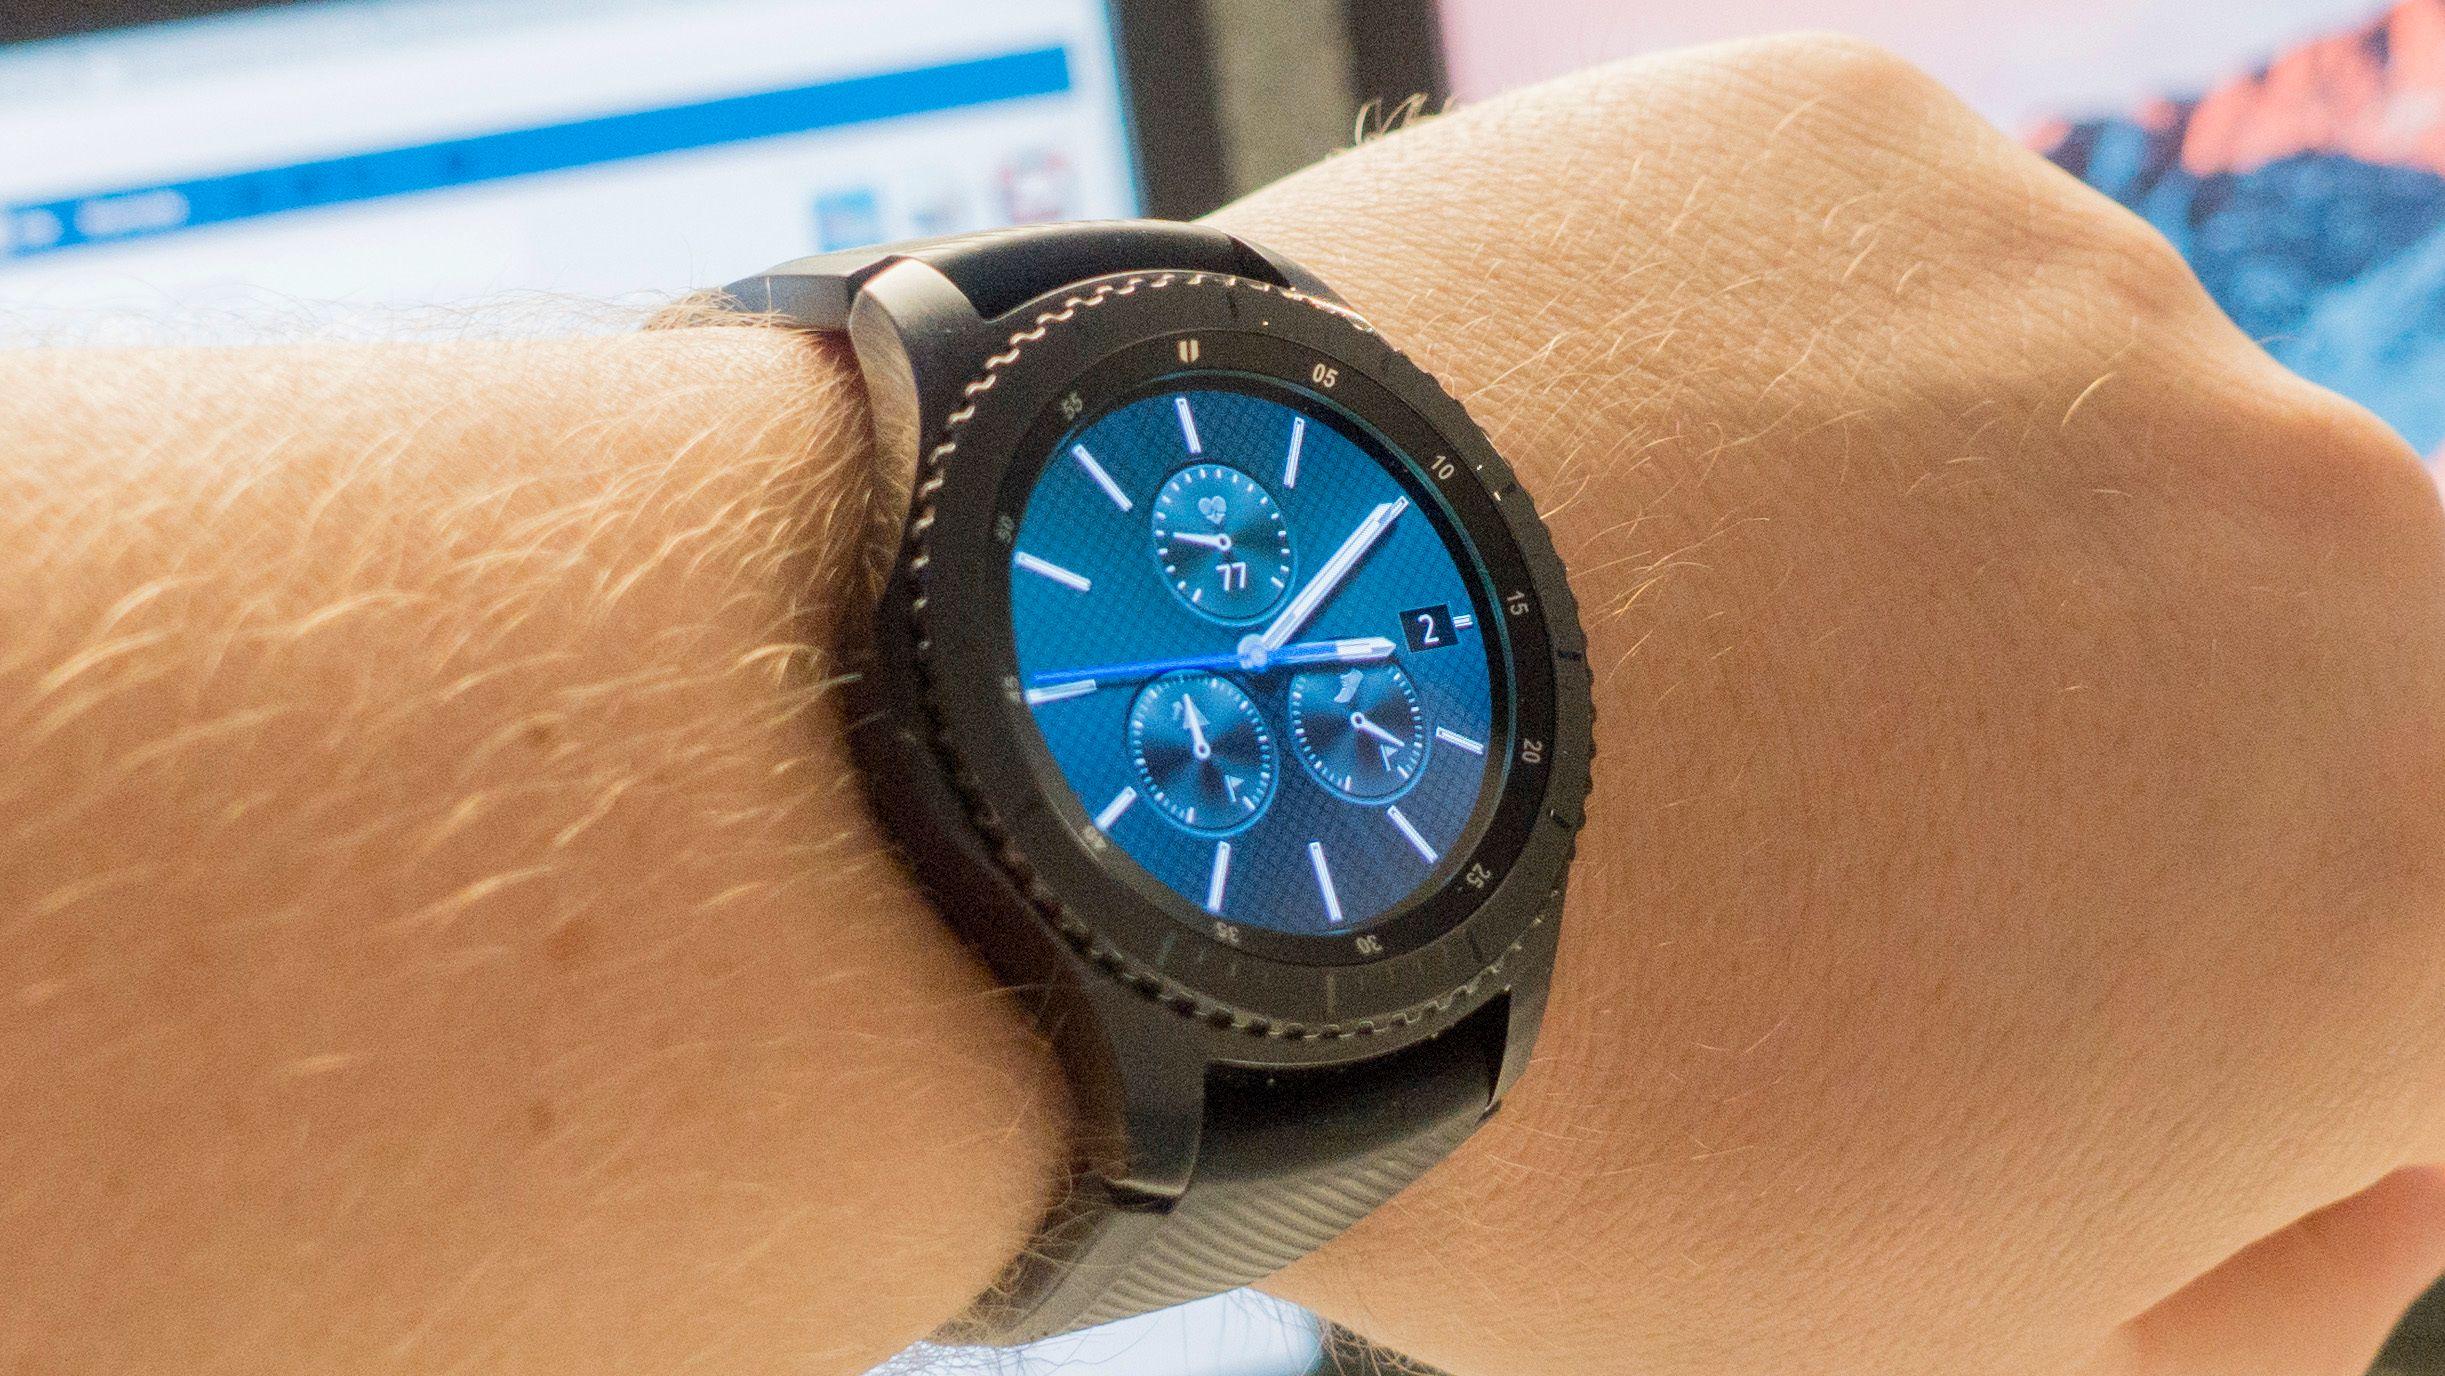 Gear S3 kan fort bli vel stor for mange å ha på armen. En av grunnen til størrelsen er den store og gode skjermen på 1,3 tommer. .